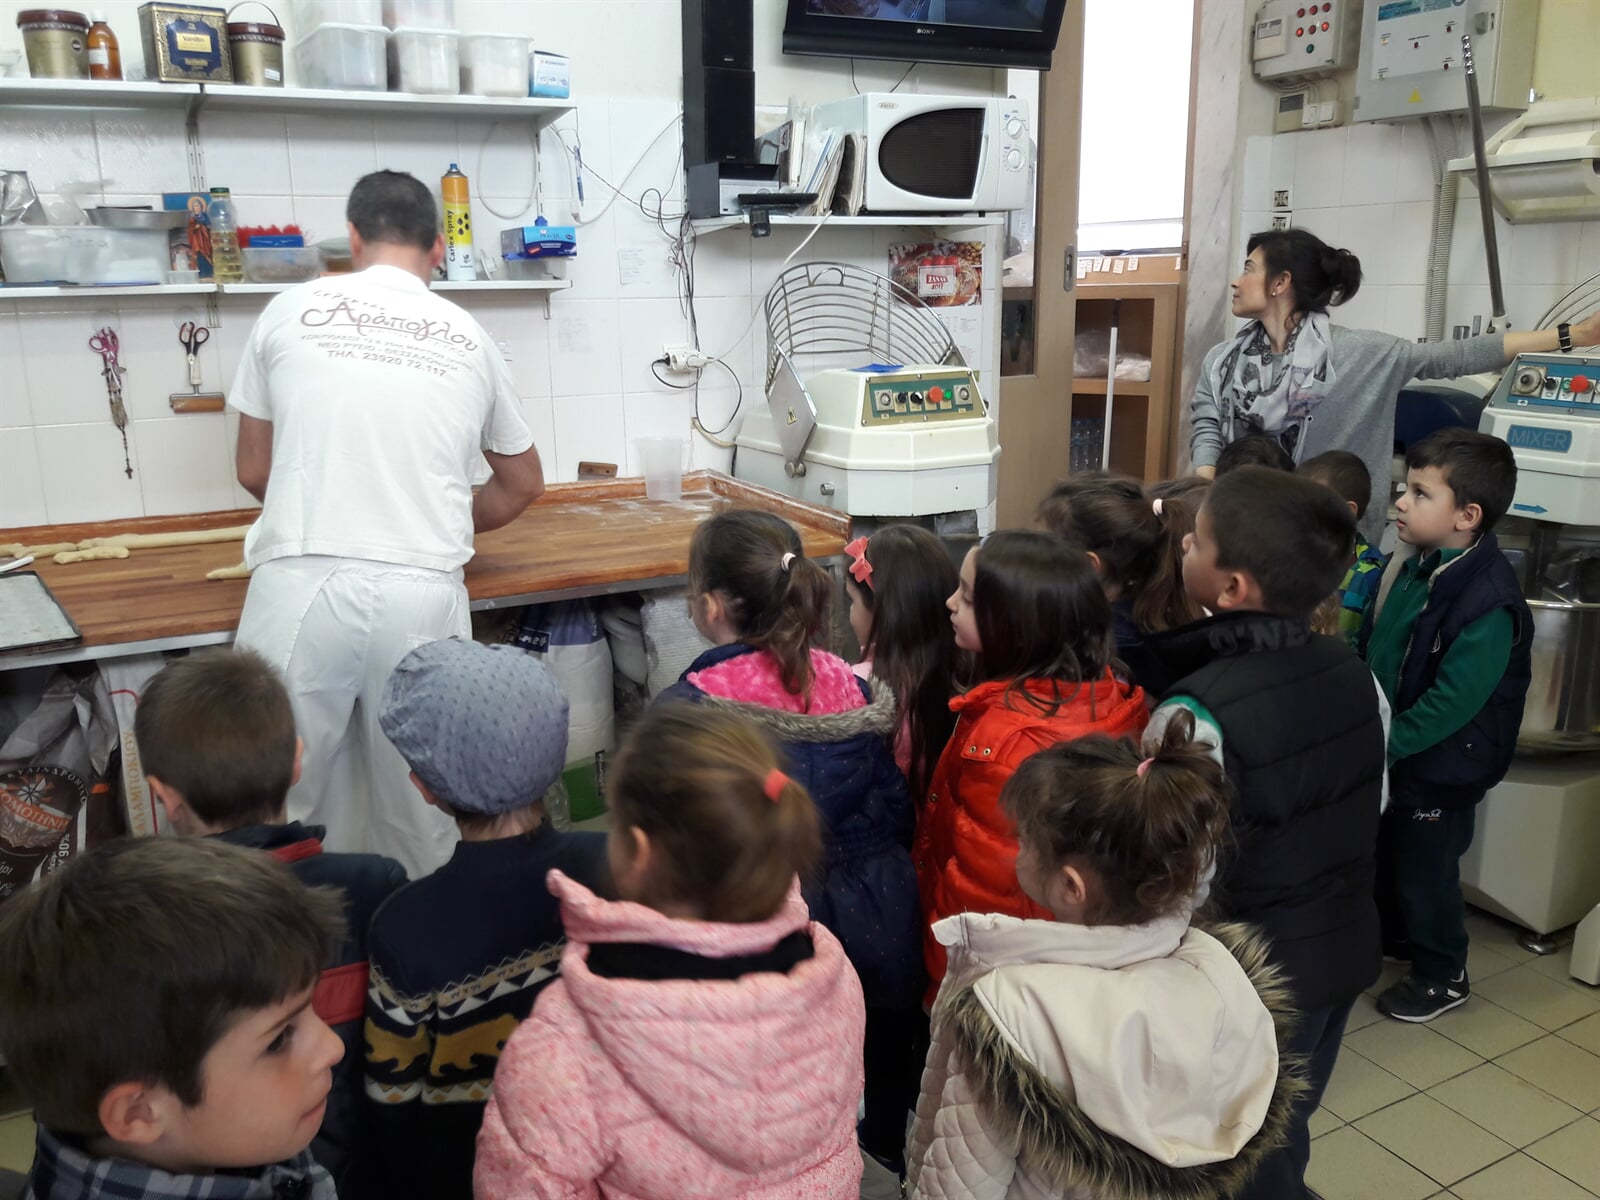 Παρουσίαση στο Αρτοζαχαροπλαστείο Αράπογλου στο Νέο Ρύσιο Θεσσαλονίκης